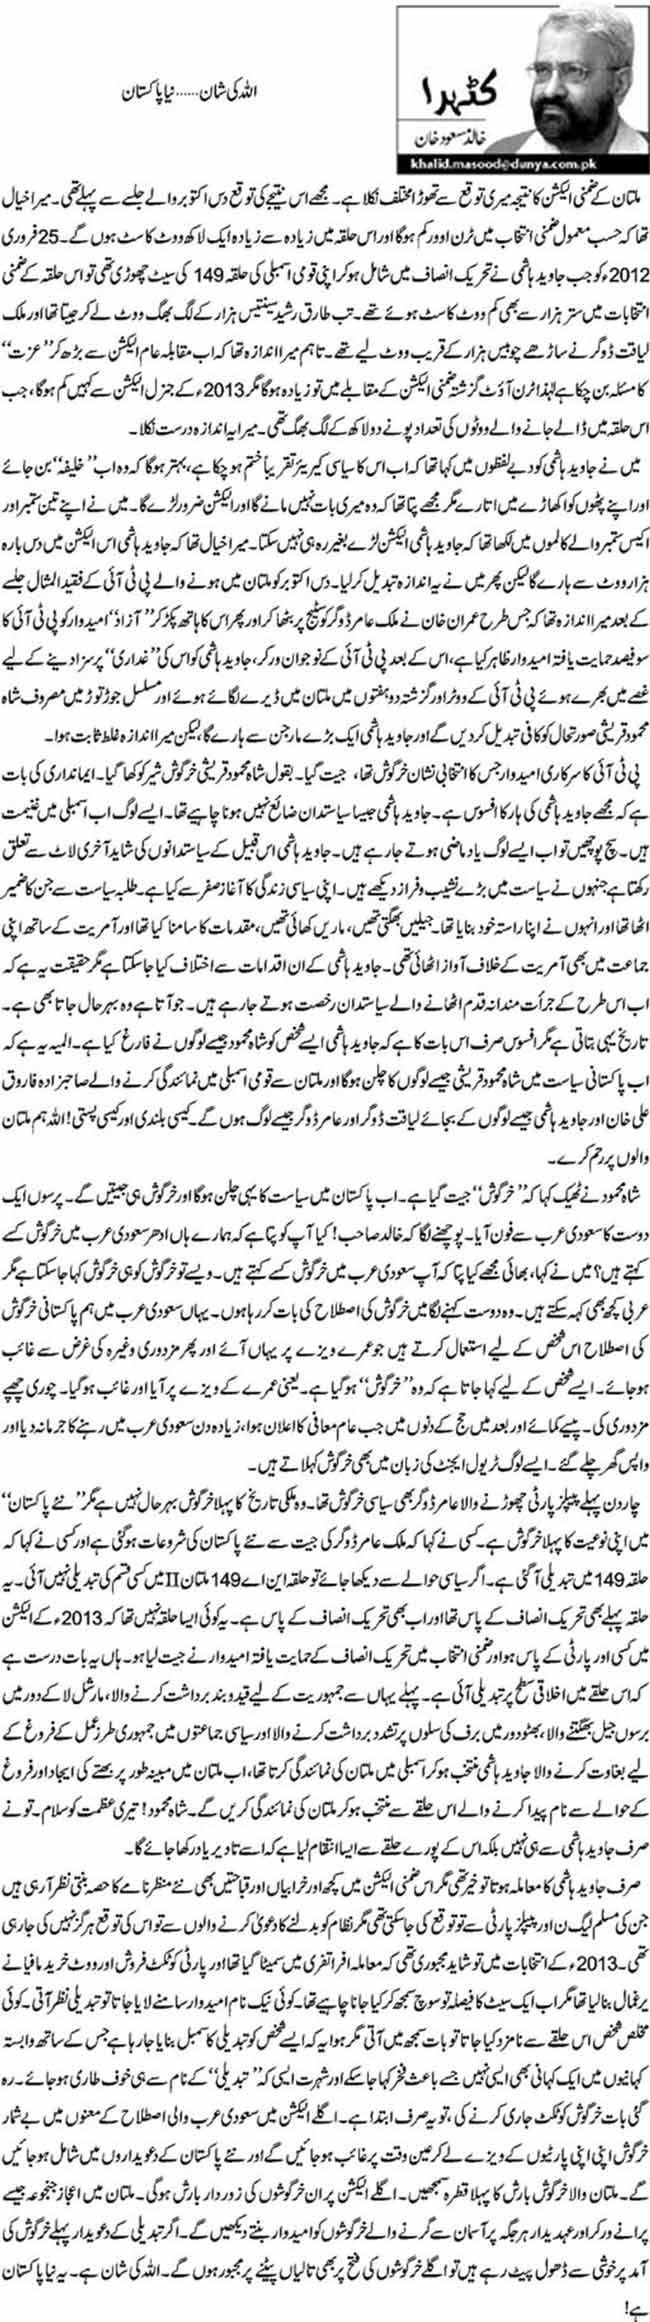 اللہ کی شان… نیا پاکستان